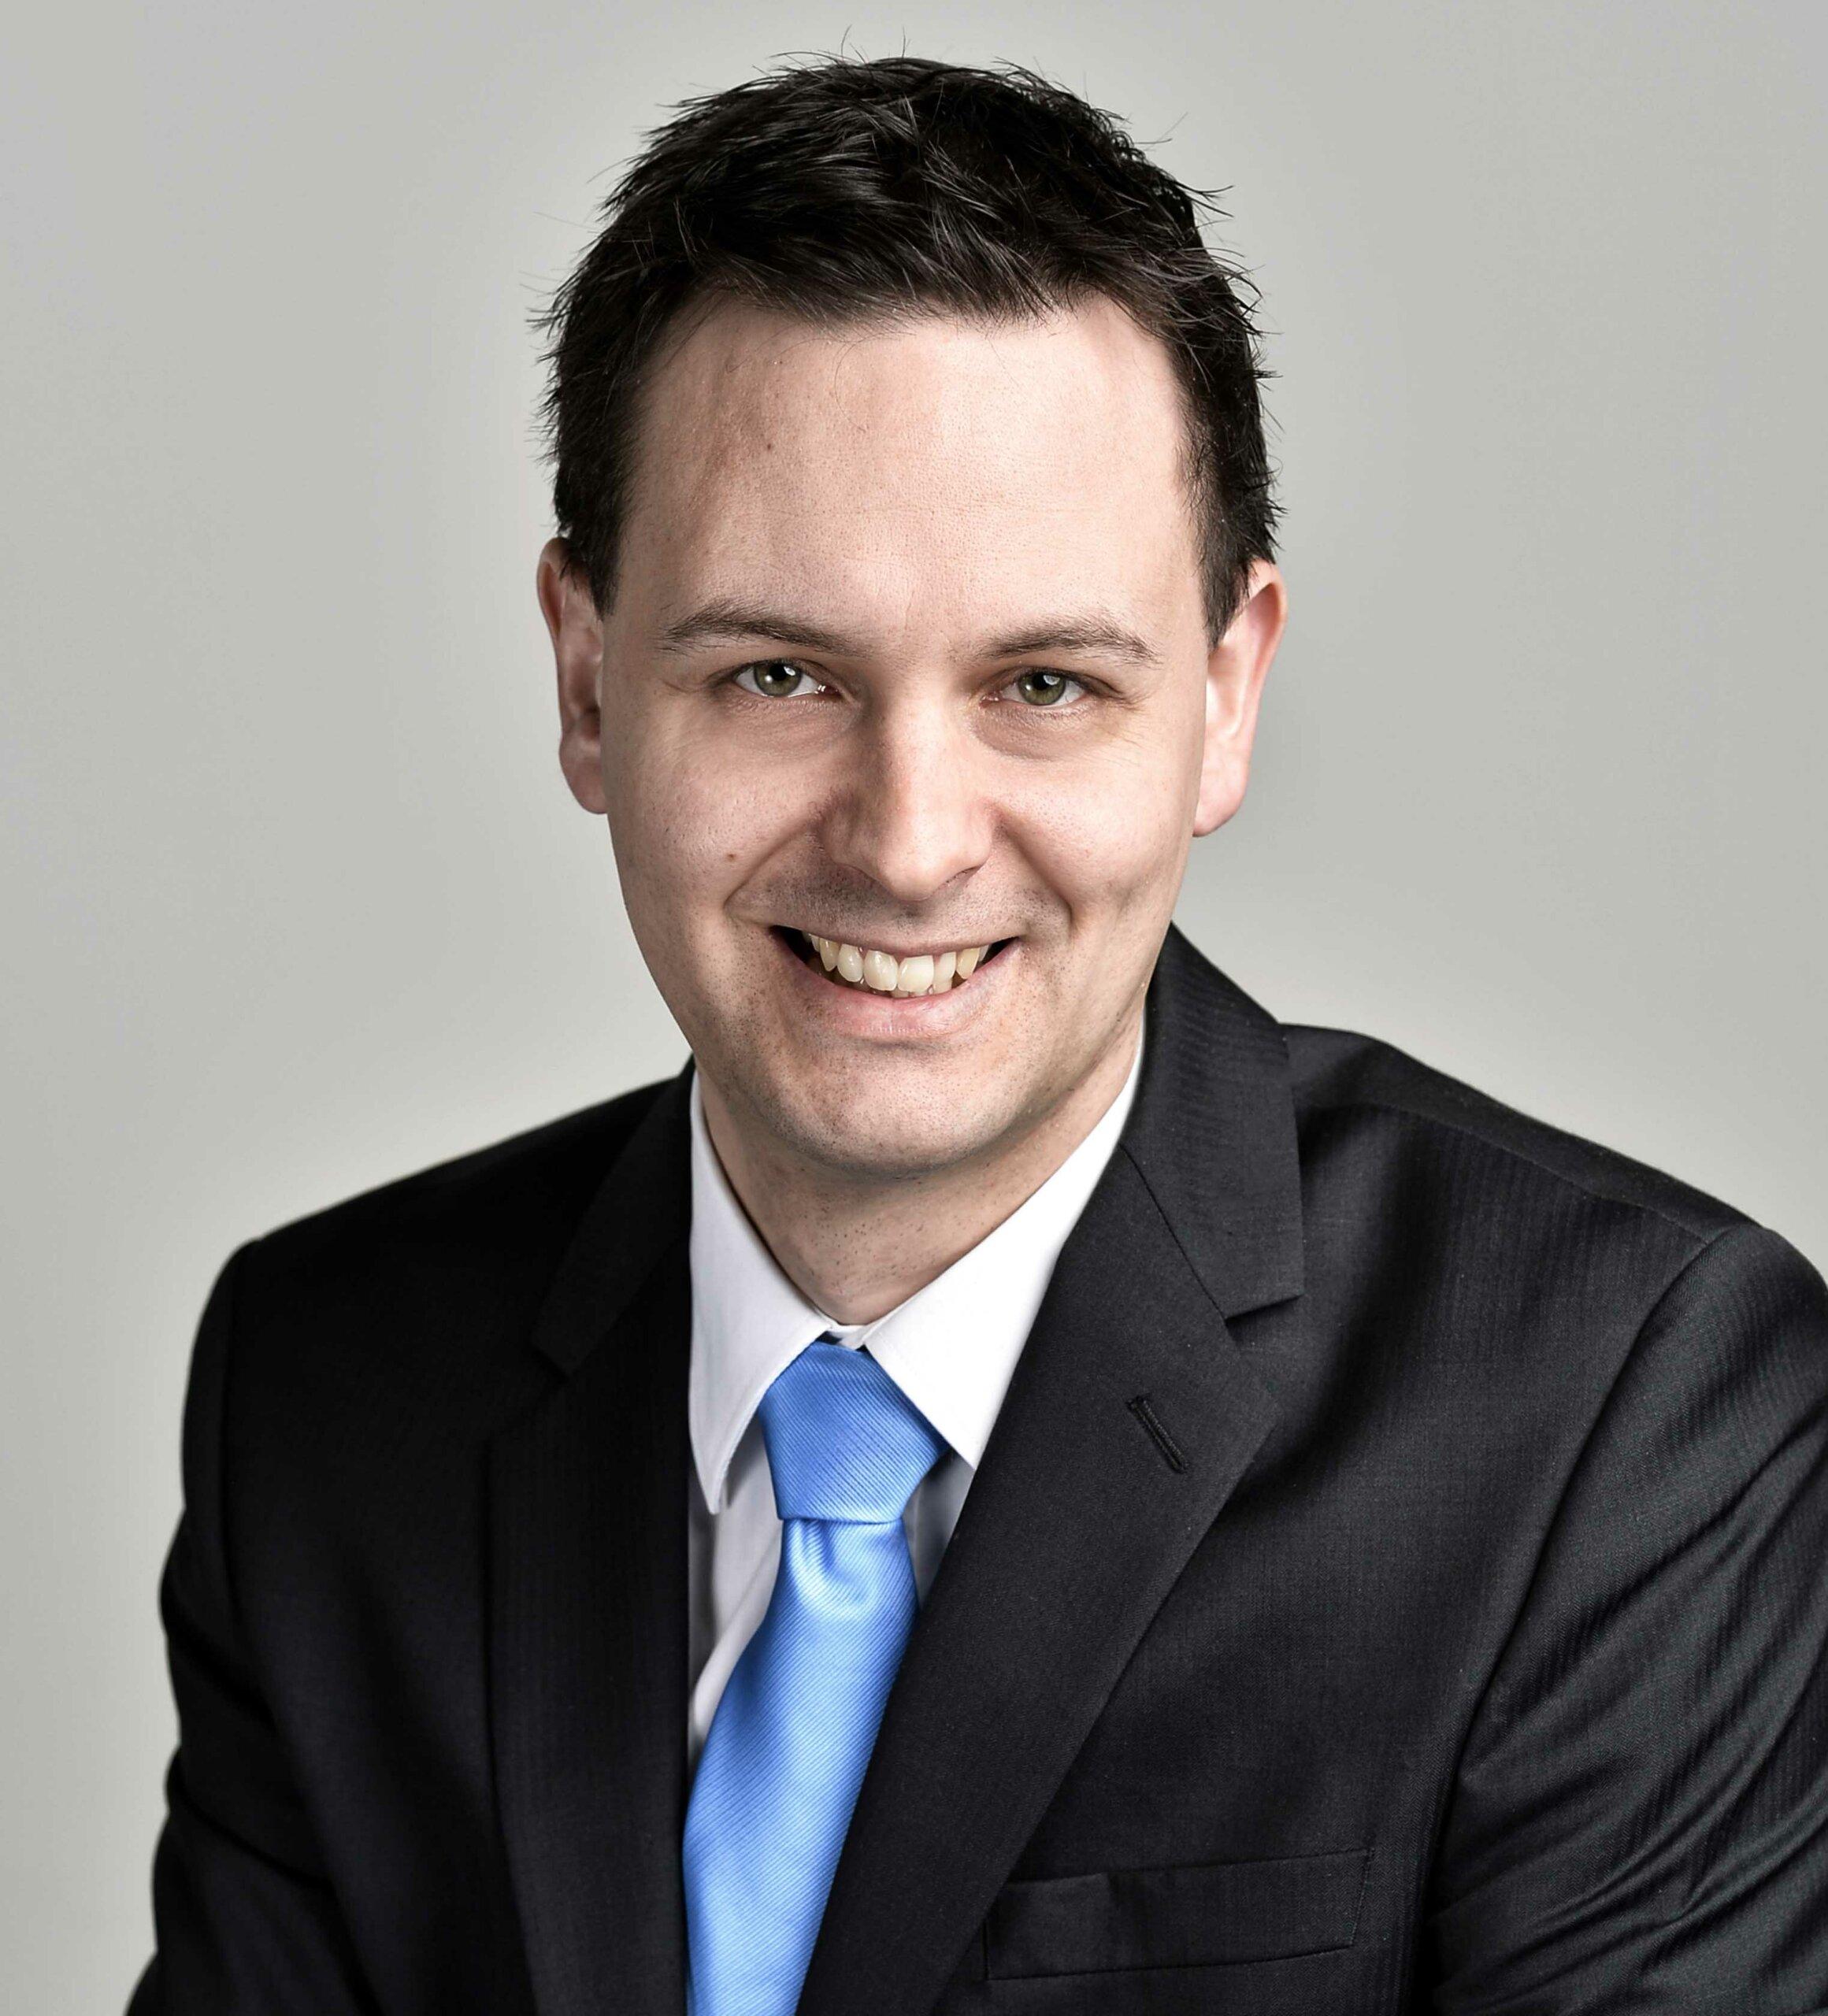 Thomas Ladstätter Profilbild